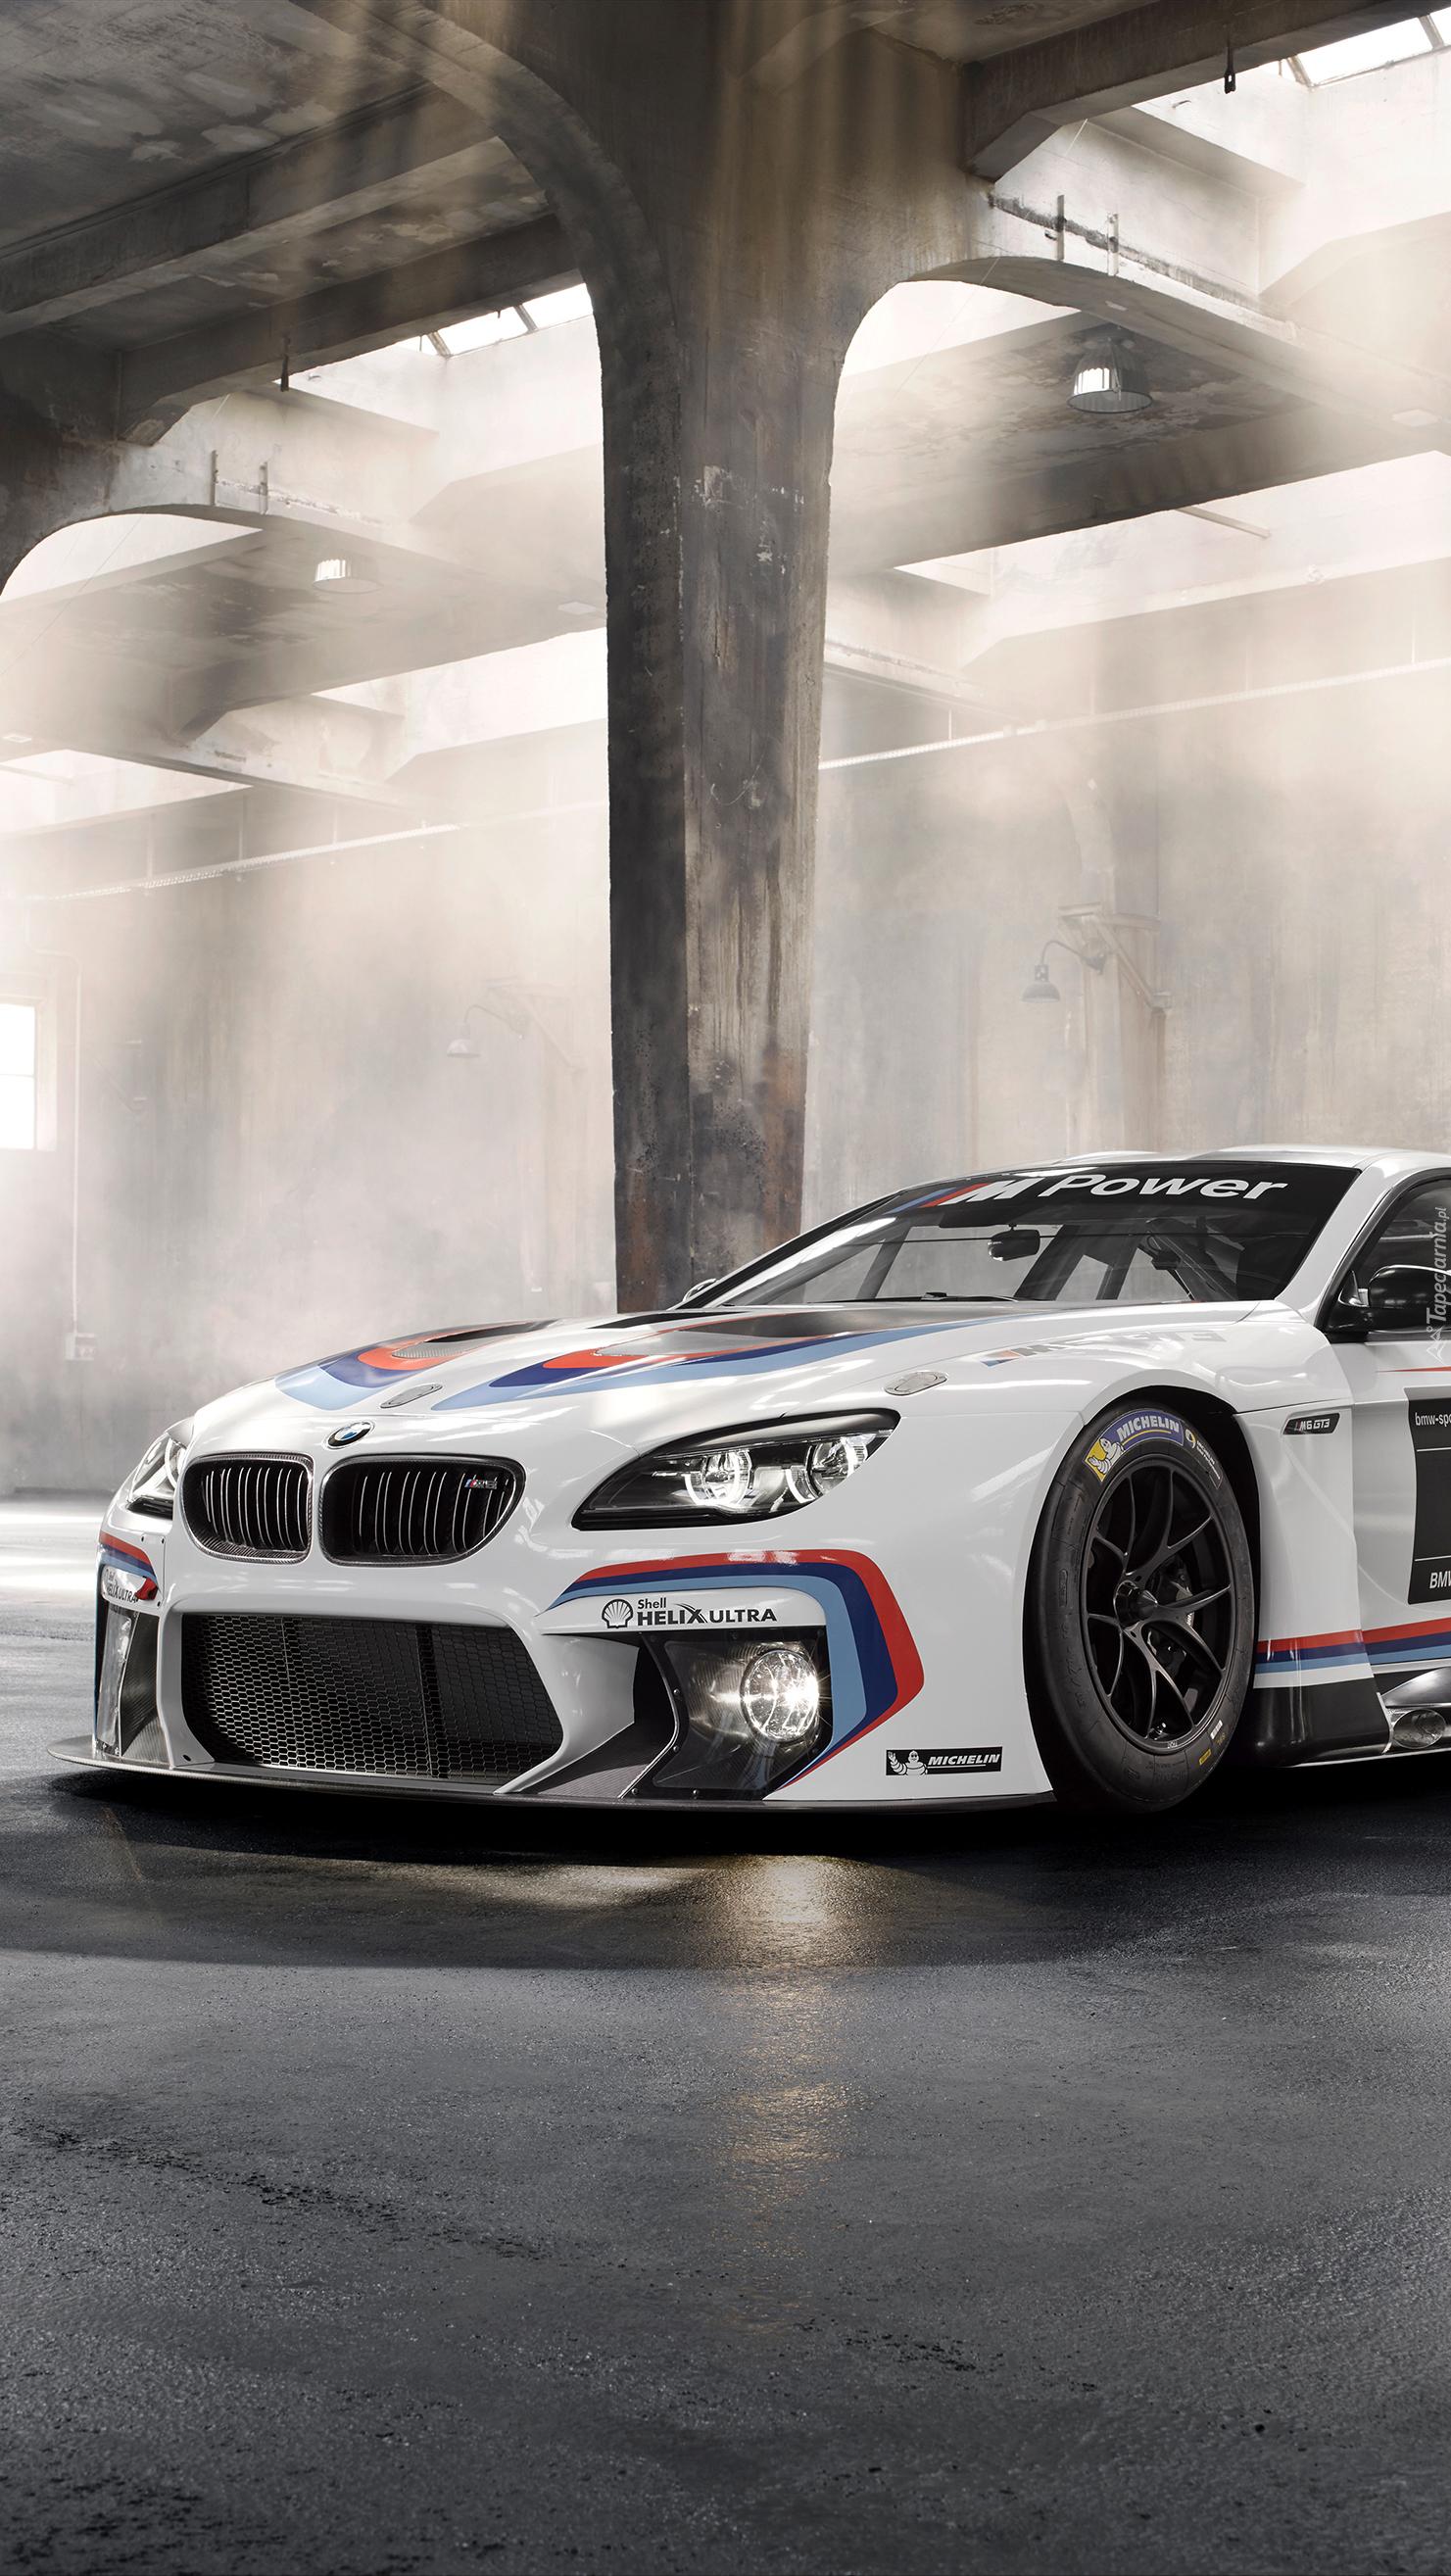 Rajdowe BMW M6 F13 GT3